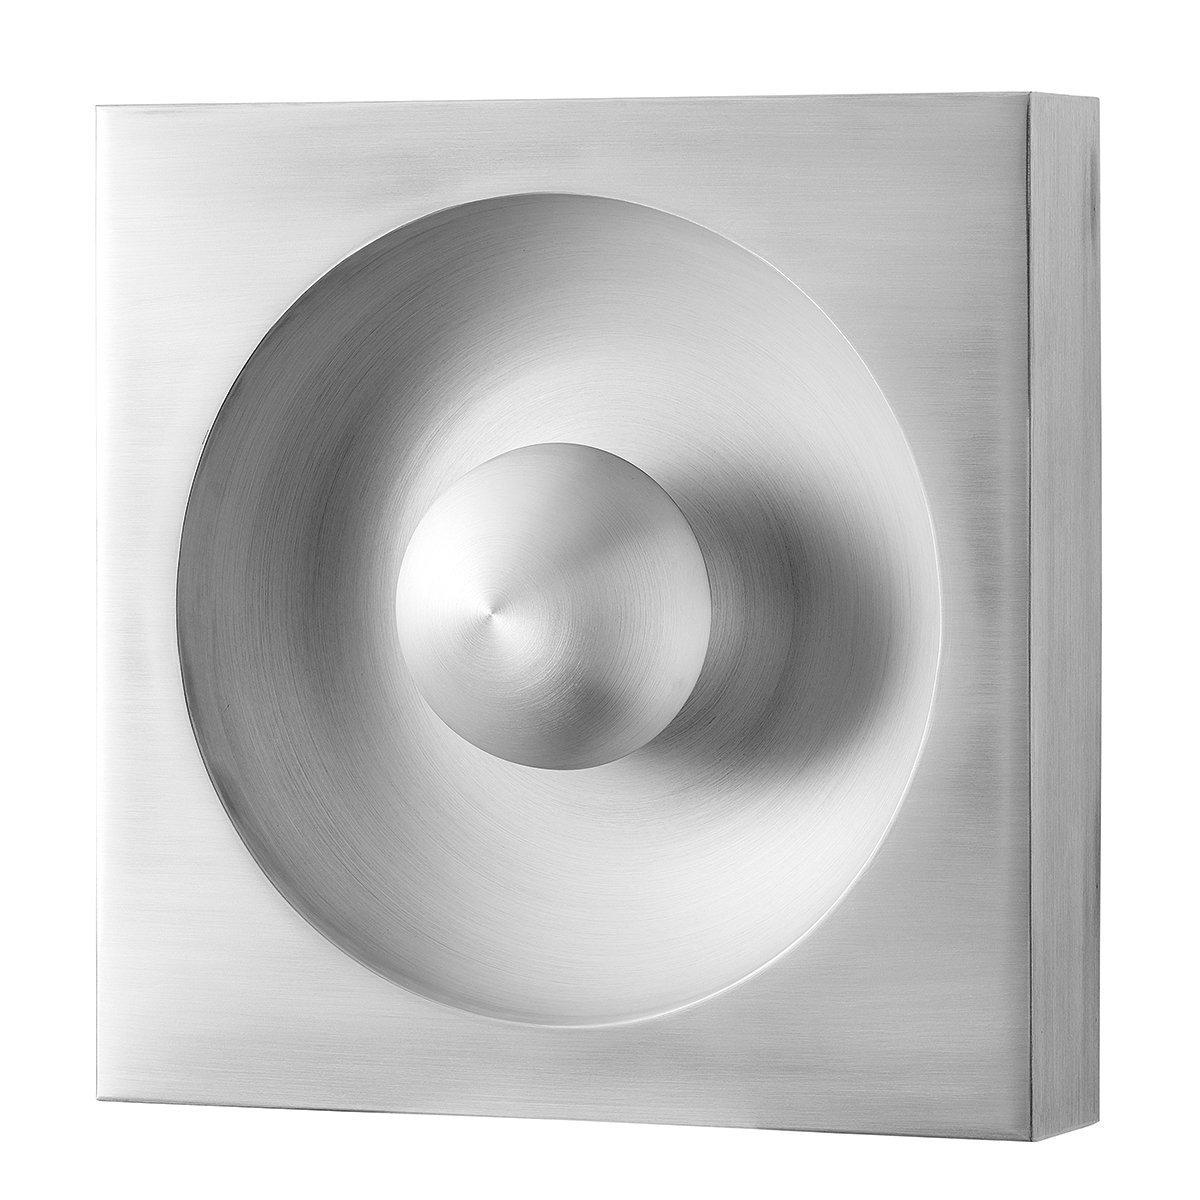 Verpan Spiegel Wandlamp